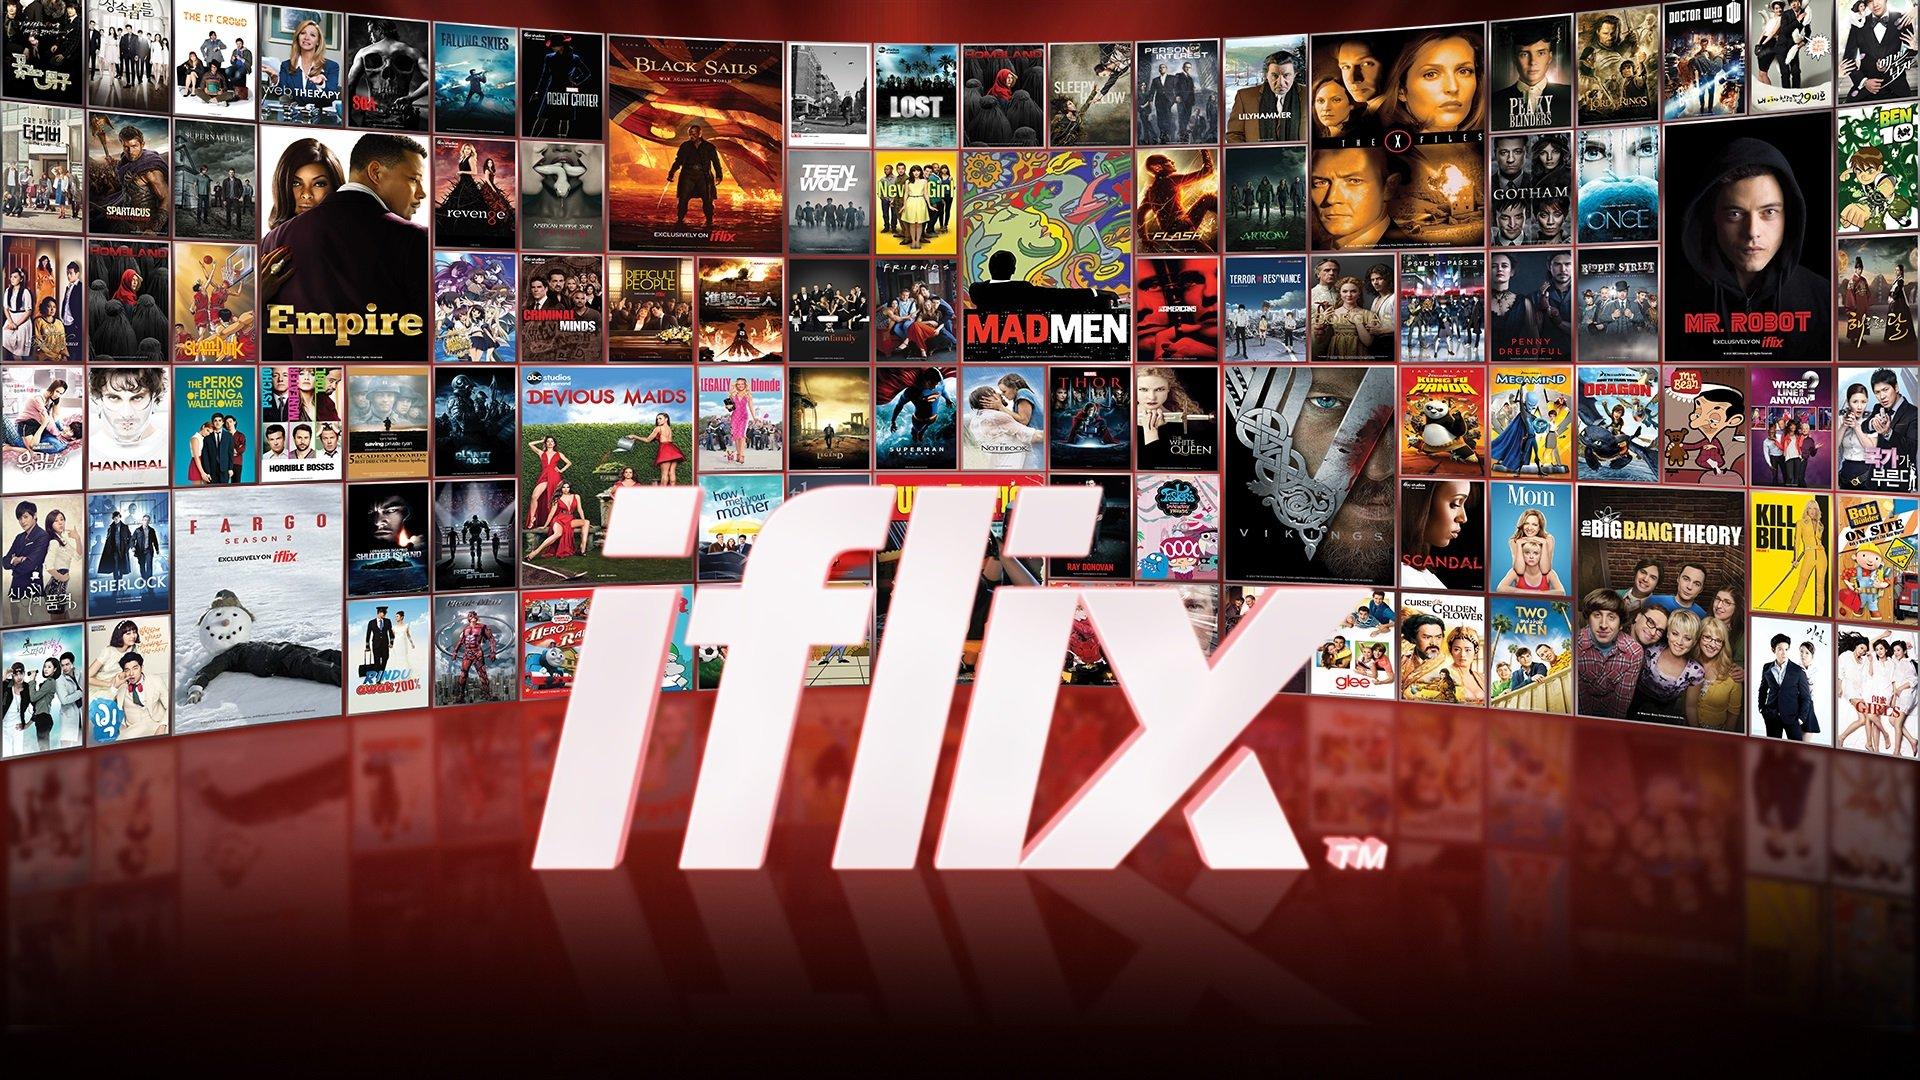 Beginilah Cara Mudah Download Film di Iflix - Gamebrott.com